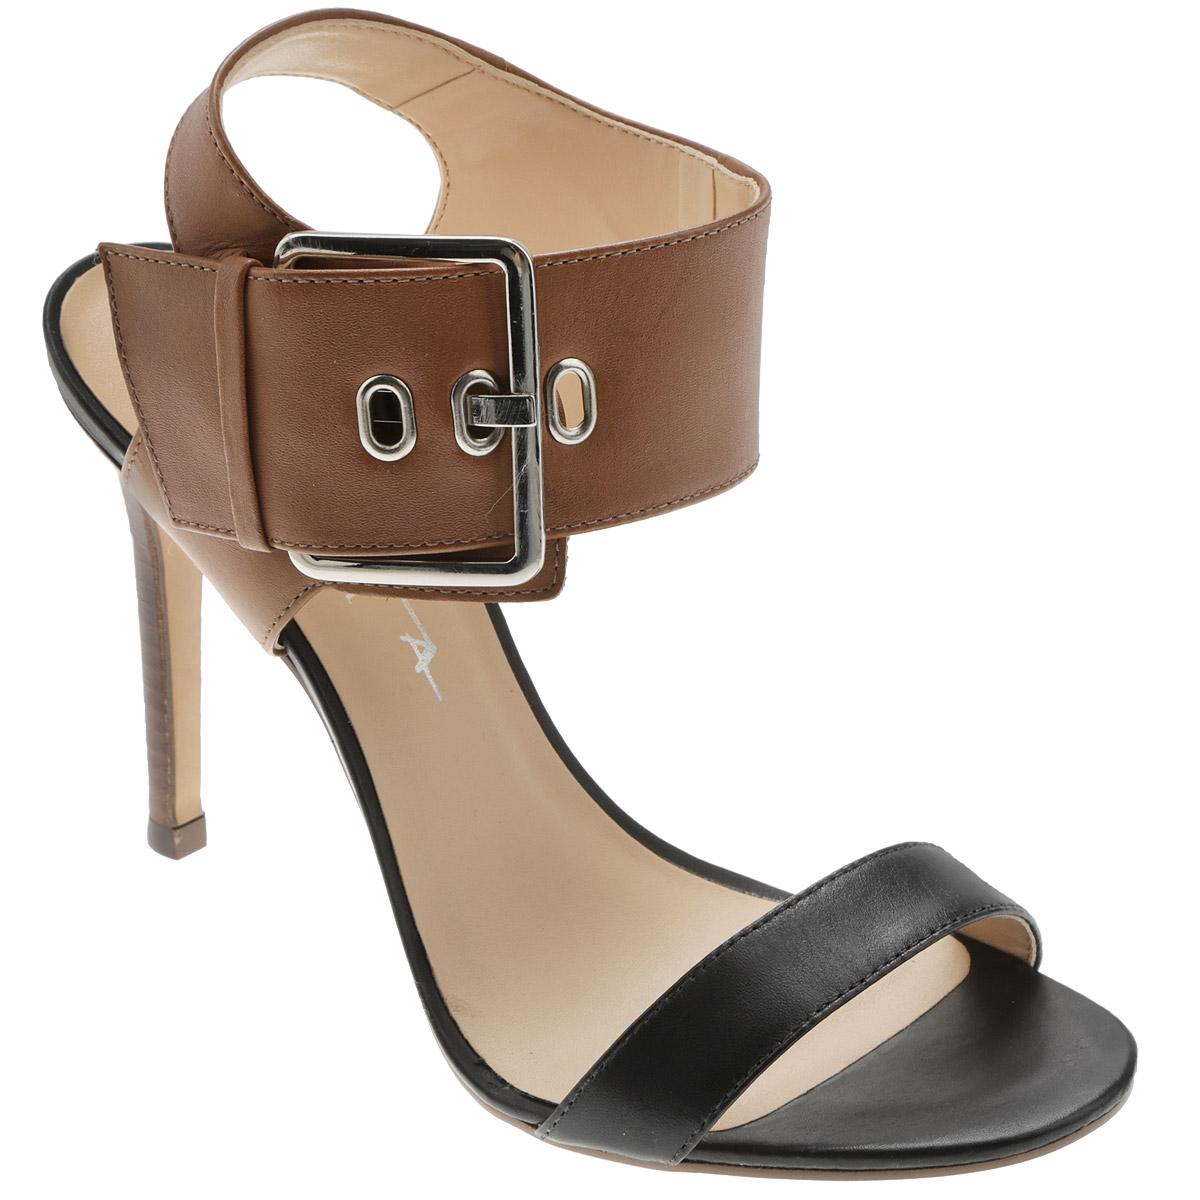 Босоножки. 34845143484514Стильные босоножки от Tabita займут достойное место в вашем гардеробе. Модель выполнена из натуральной высококачественной кожи и исполнена в лаконичном стиле. Ремешок с крупной металлической пряжкой прямоугольной формы надежно зафиксирует модель на вашей ноге. Длина ремешка регулируется за счет болта. Стелька из искусственной кожи комфортна при движении. Ультравысокий каблук стилизован под дерево. Подошва с рифлением обеспечивает отличное сцепление с любыми поверхностями. Изящные босоножки прекрасно дополнят ваш женственный образ и подчеркнут безупречный вкус.